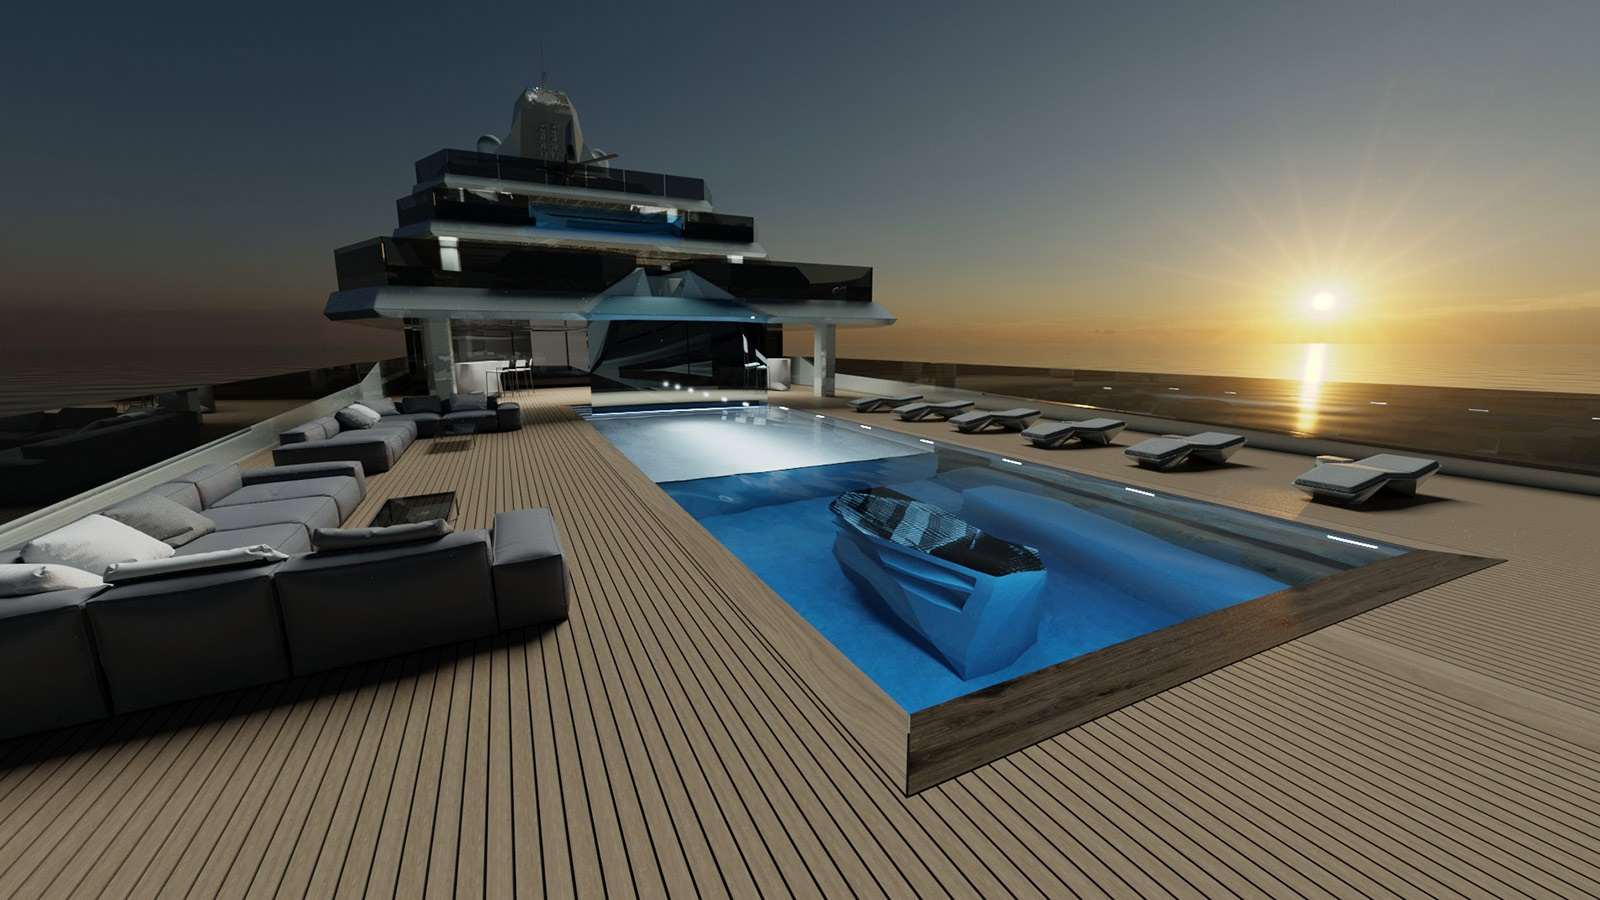 megayacht Equilibrium superyacht concept pool 2560x1440